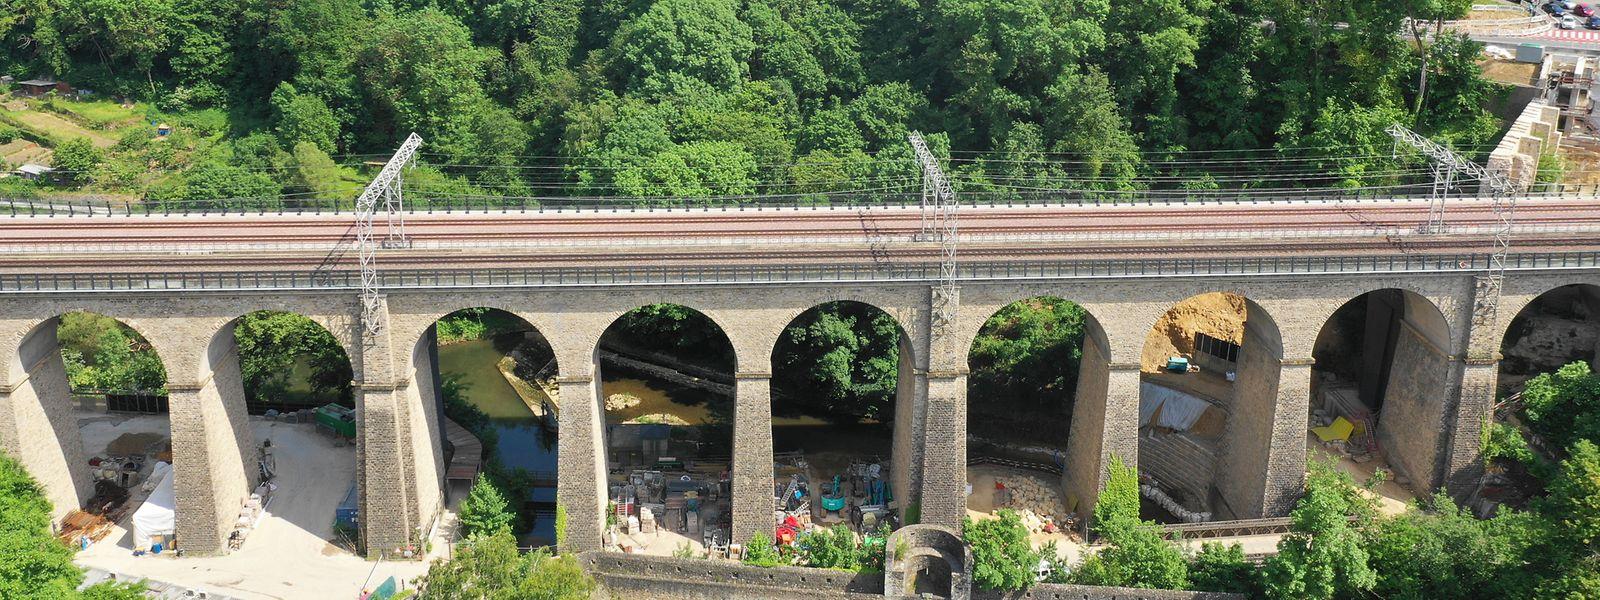 Insgesamt zehn Jahre dauerte der komplizierte Ausbau des Viadukts Pulvermühle an.